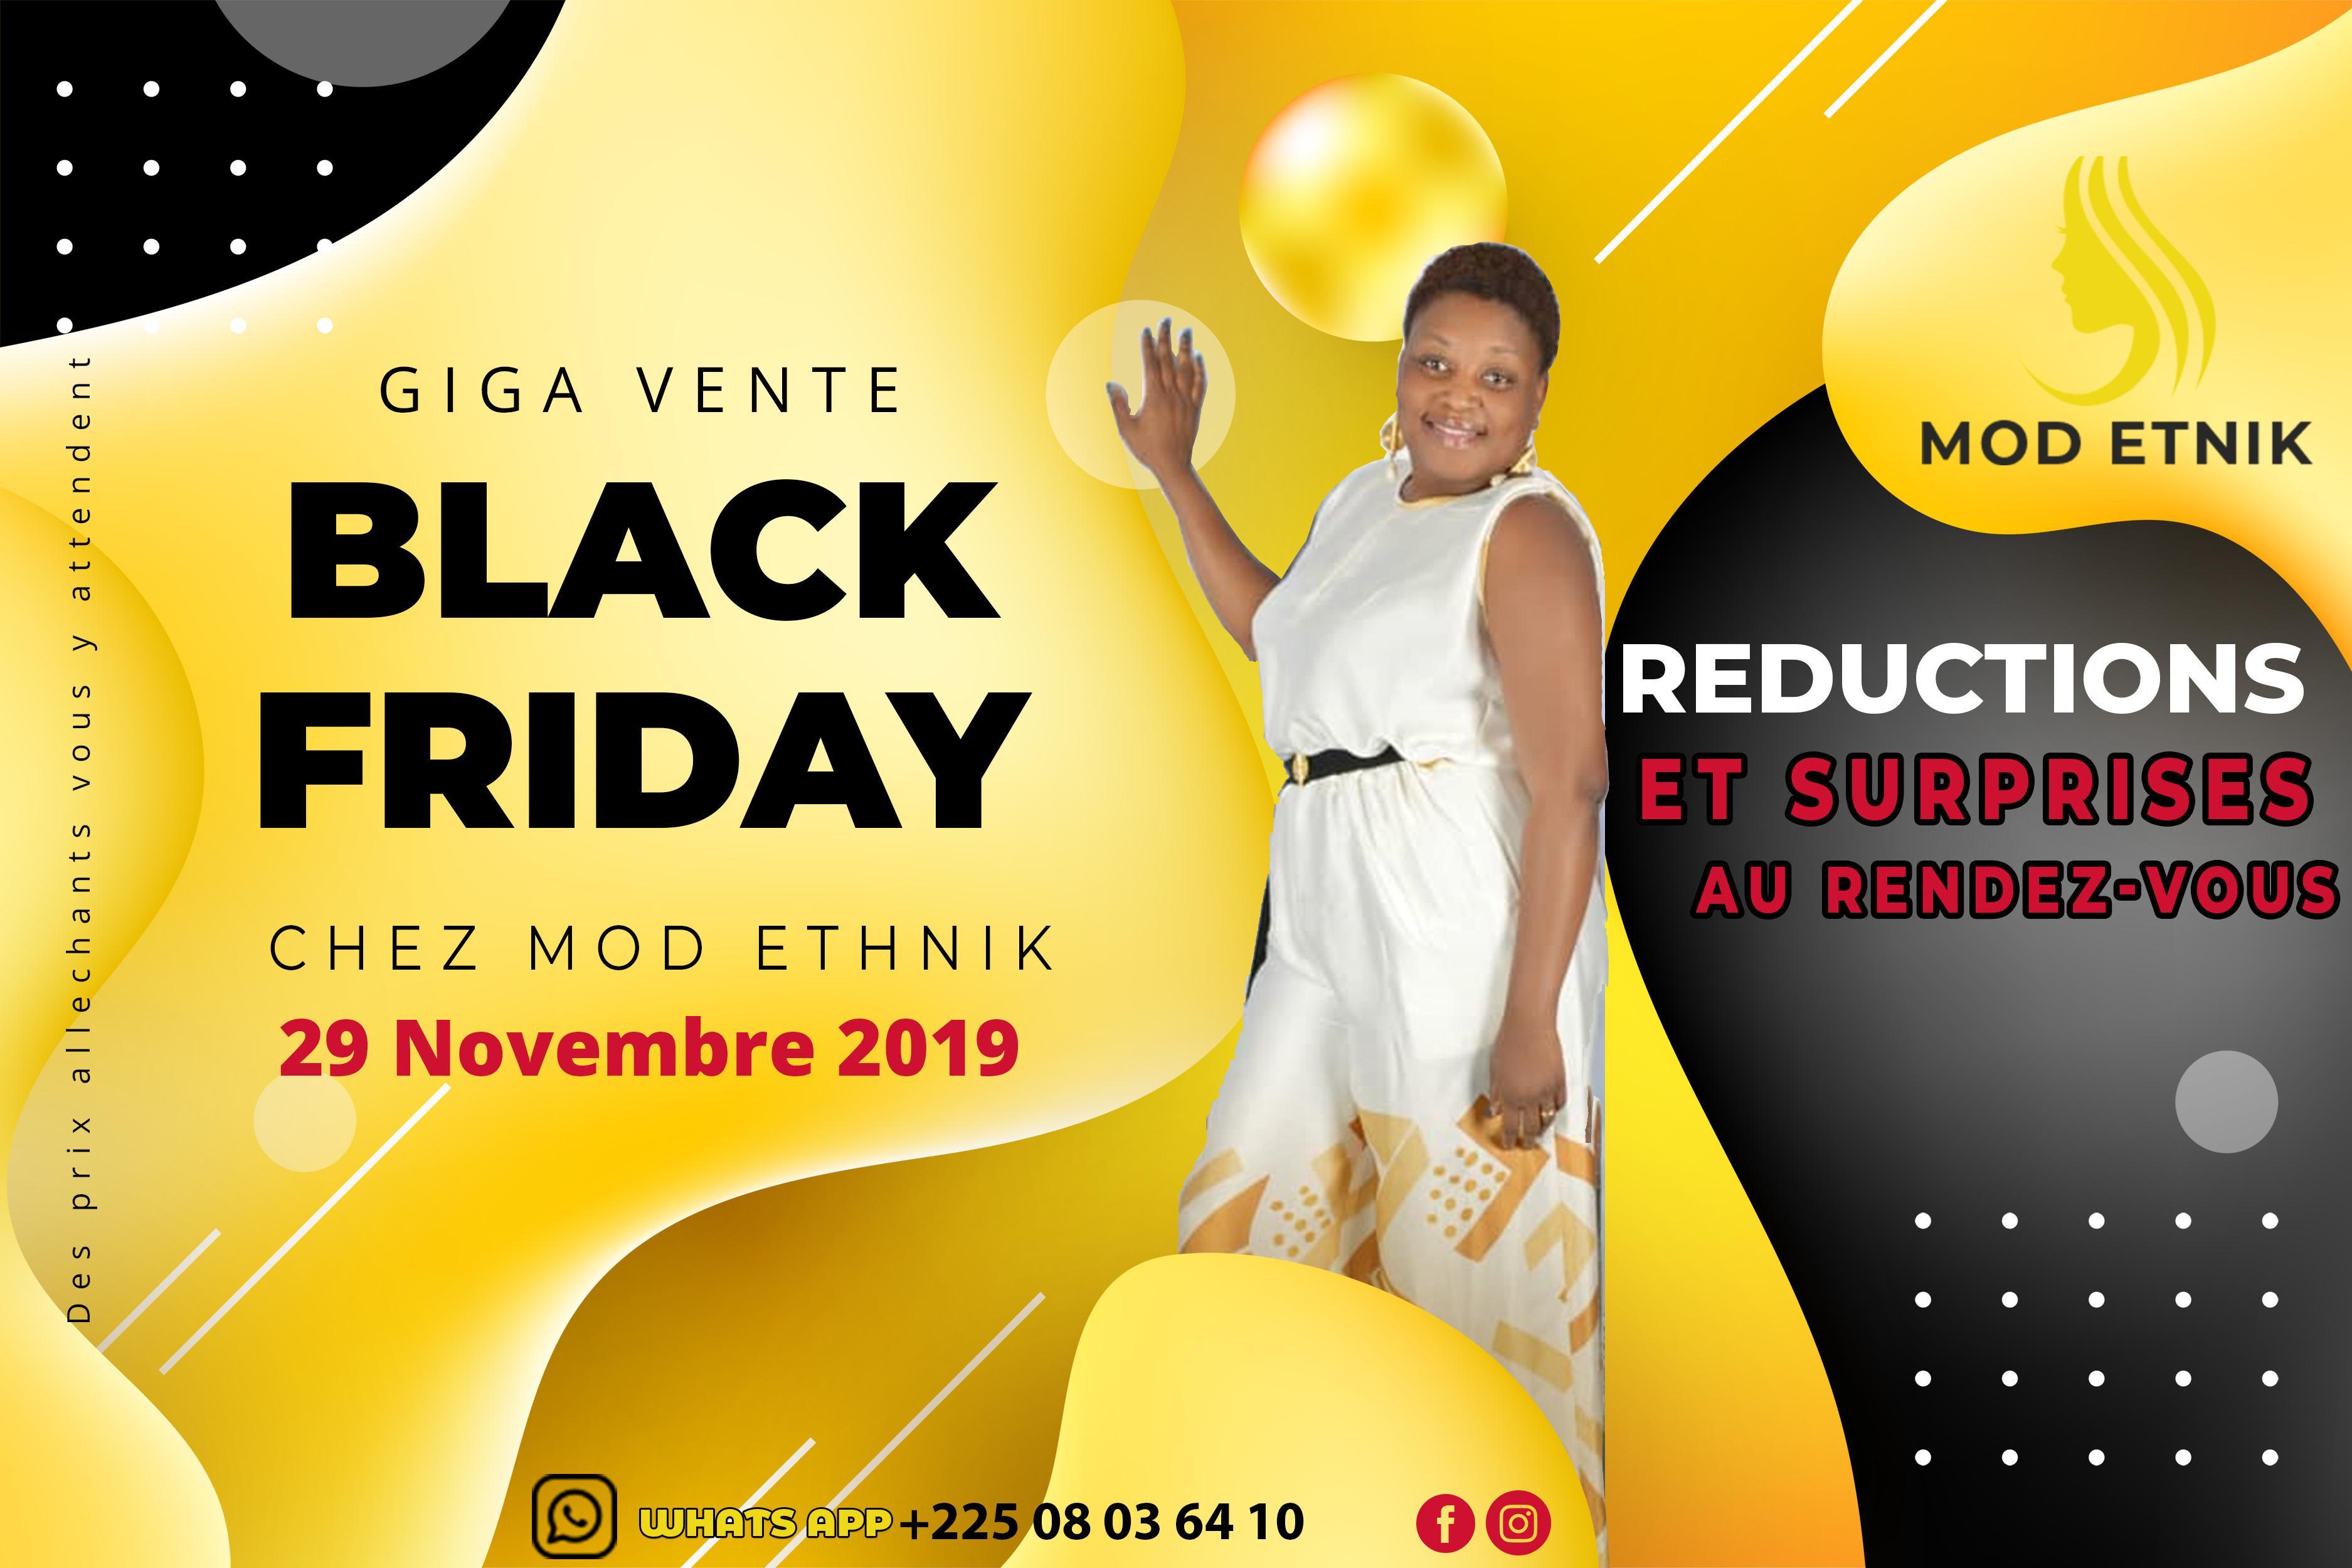 Bannière Mod Etnik BLACK FRIDAY